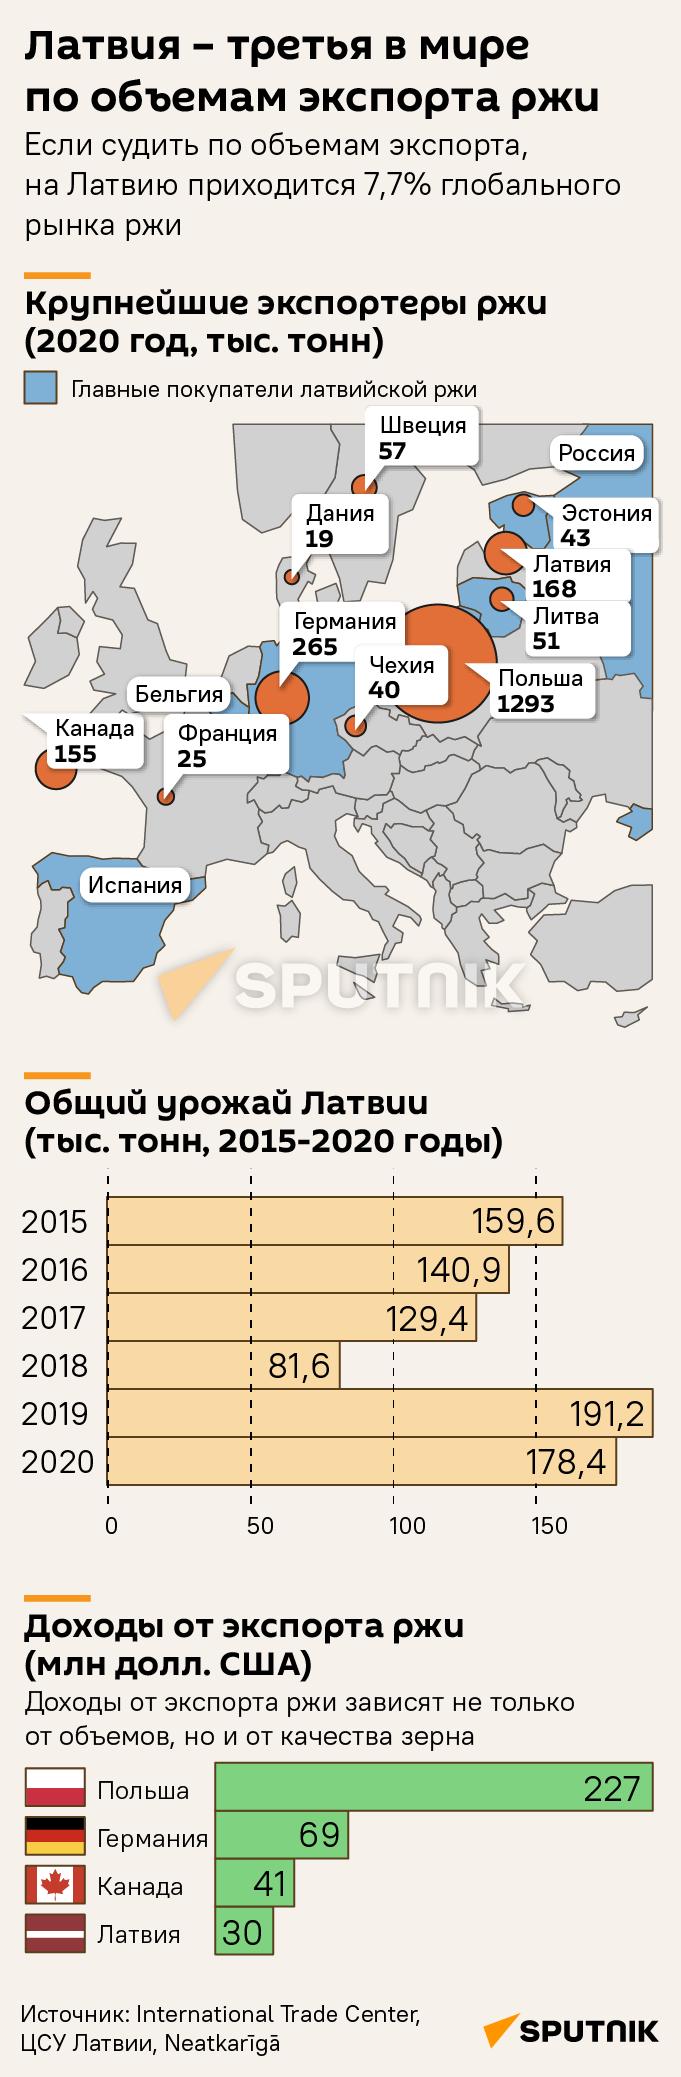 Латвия – третья в мире по объемам экспорта ржи - Sputnik Латвия